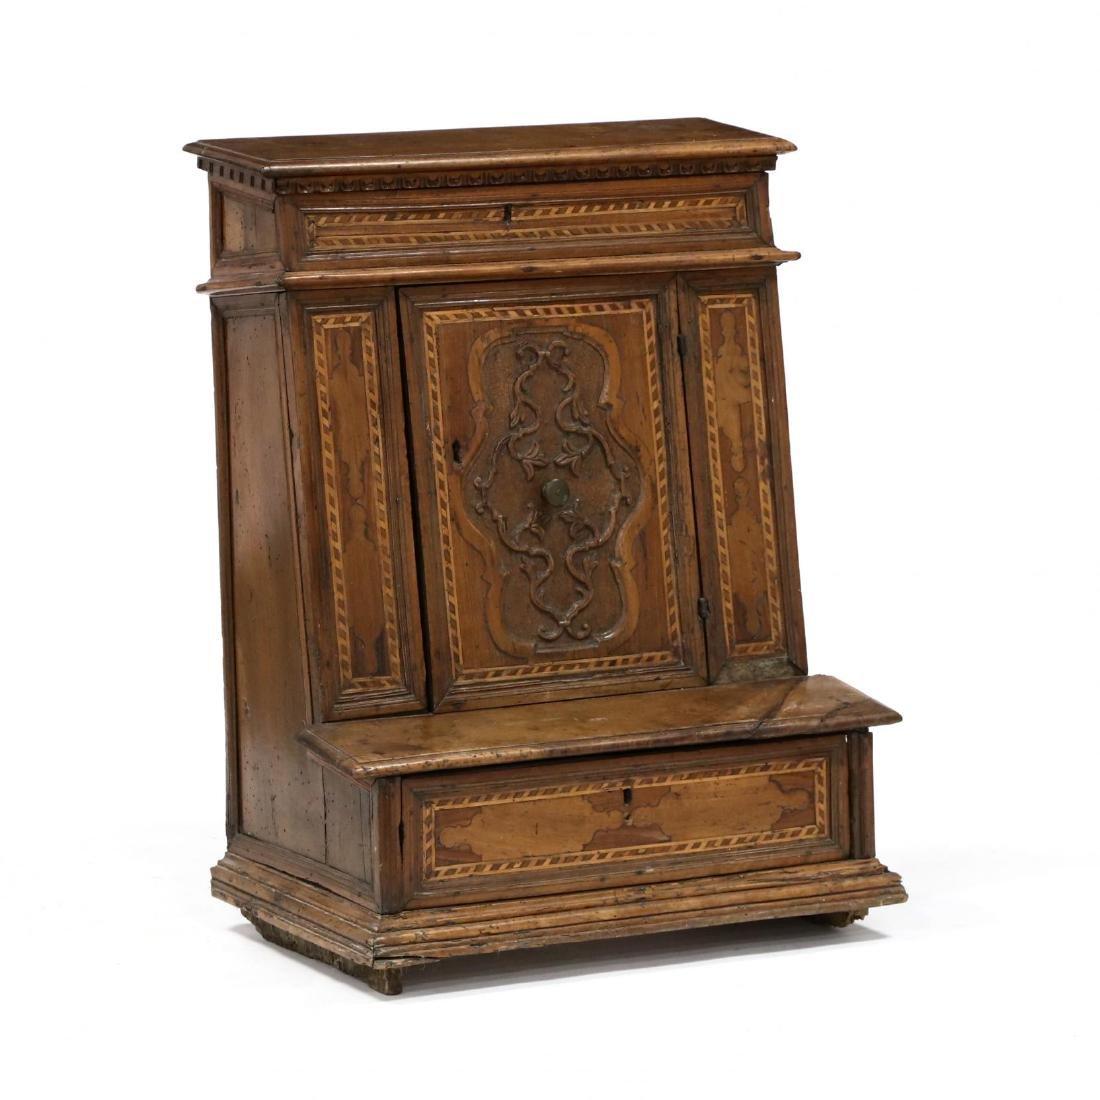 Antique Inlaid Prie-Dieu Cabinet